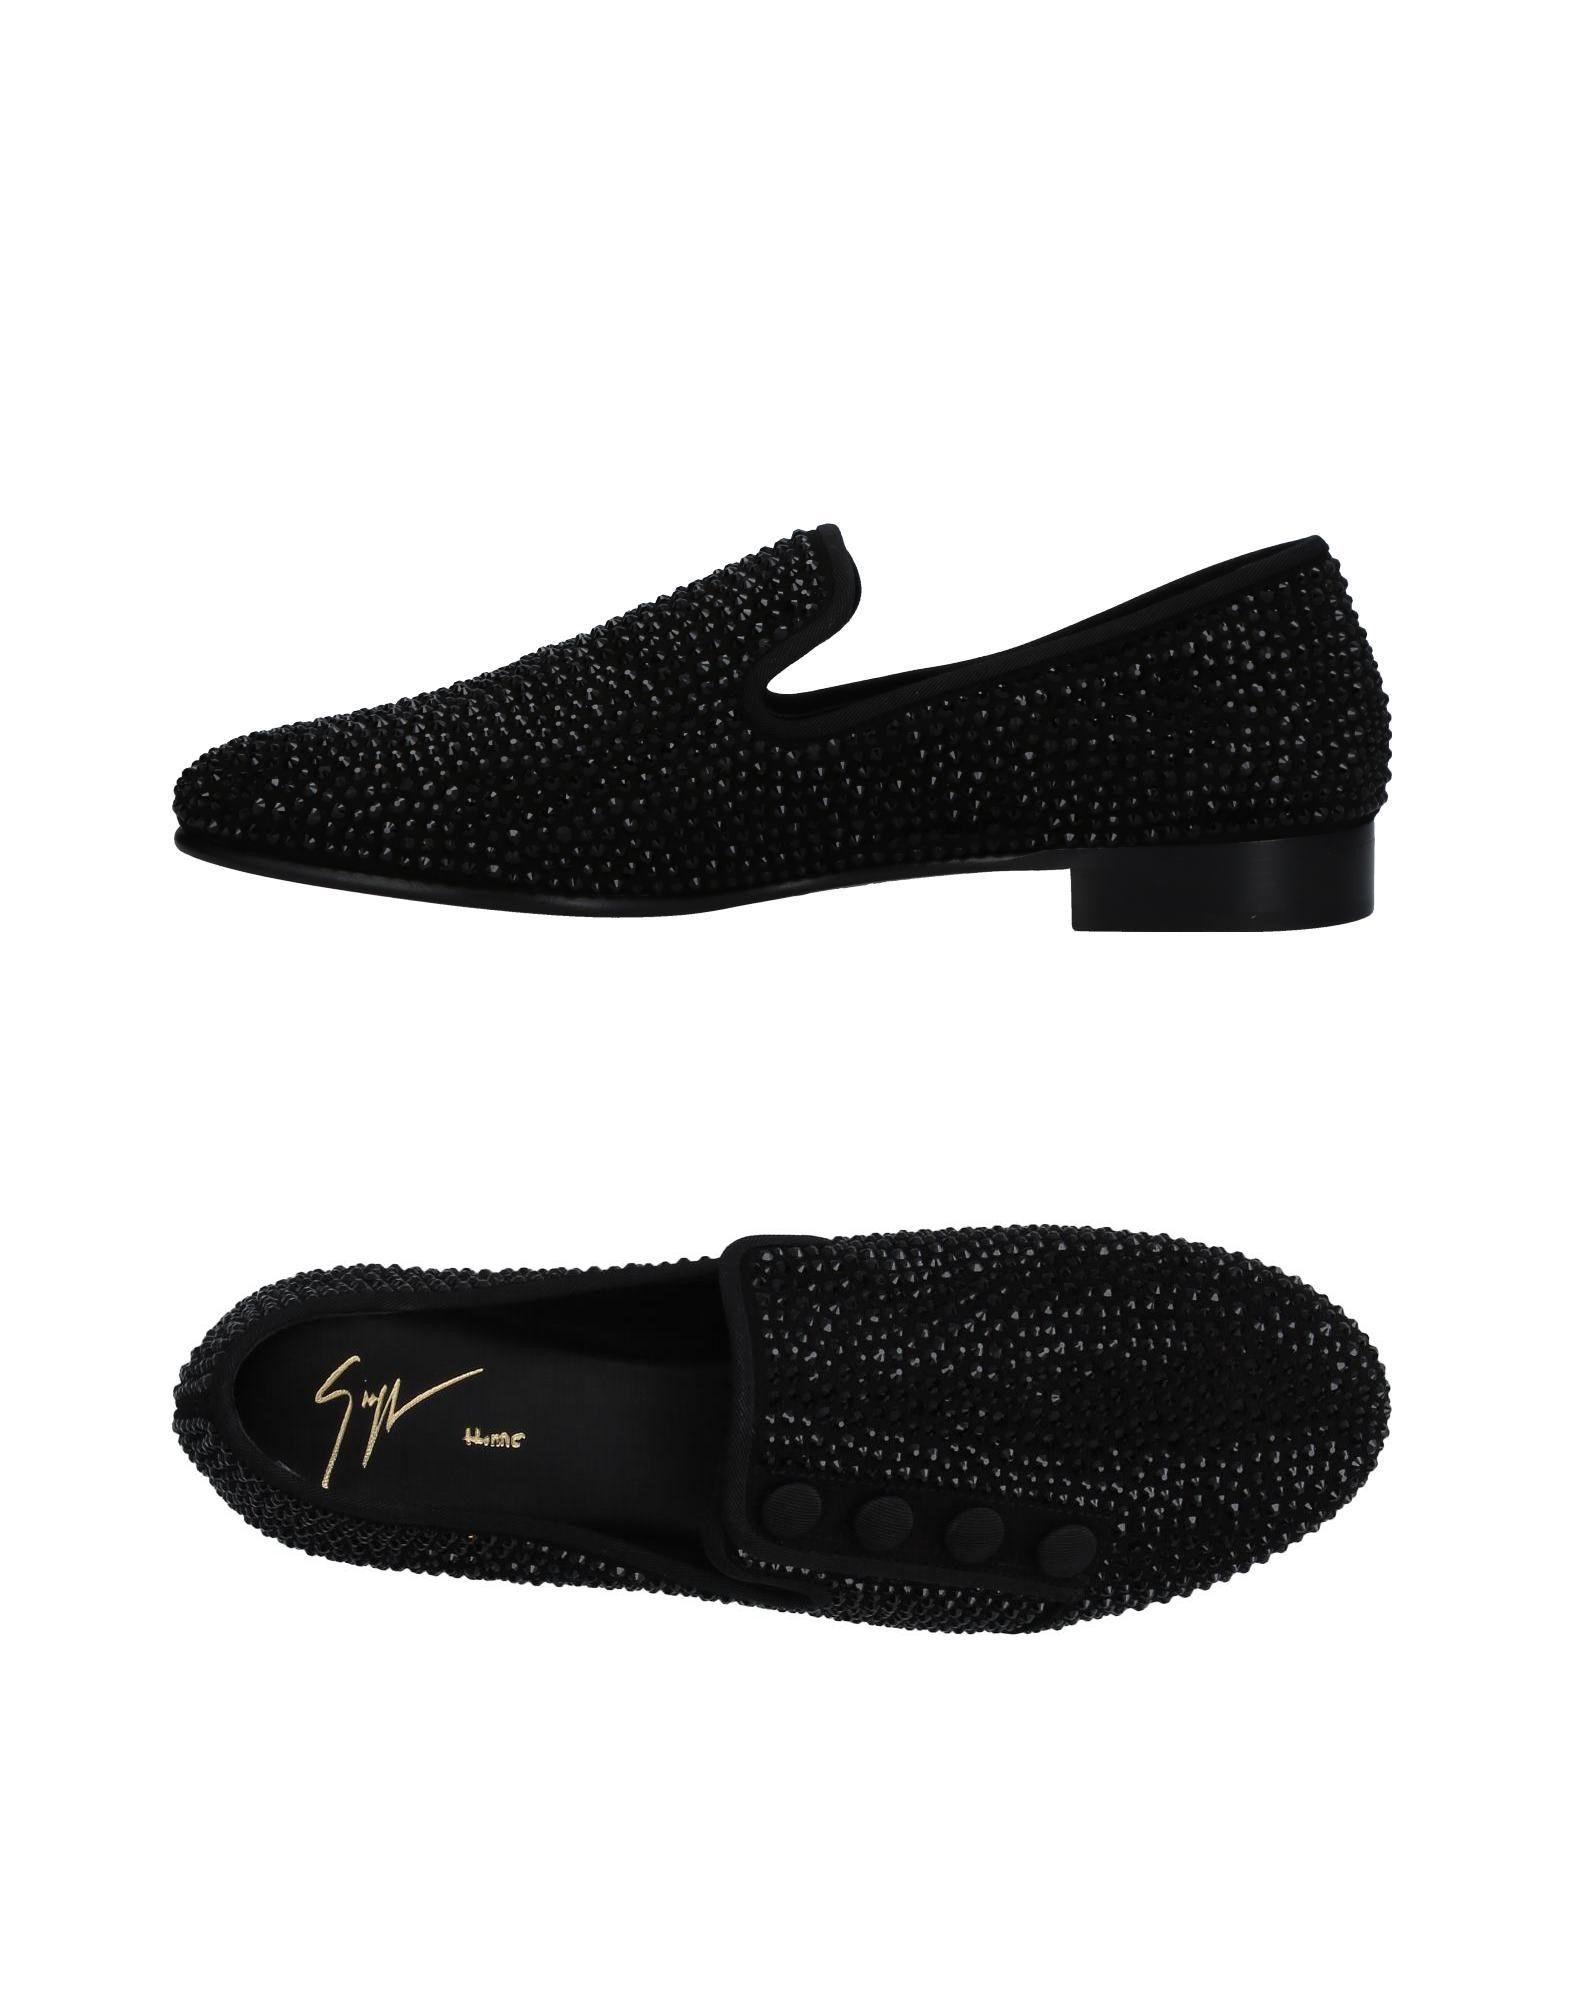 Giuseppe Zanotti Mokassins Herren  11397388AX Gute Qualität beliebte Schuhe